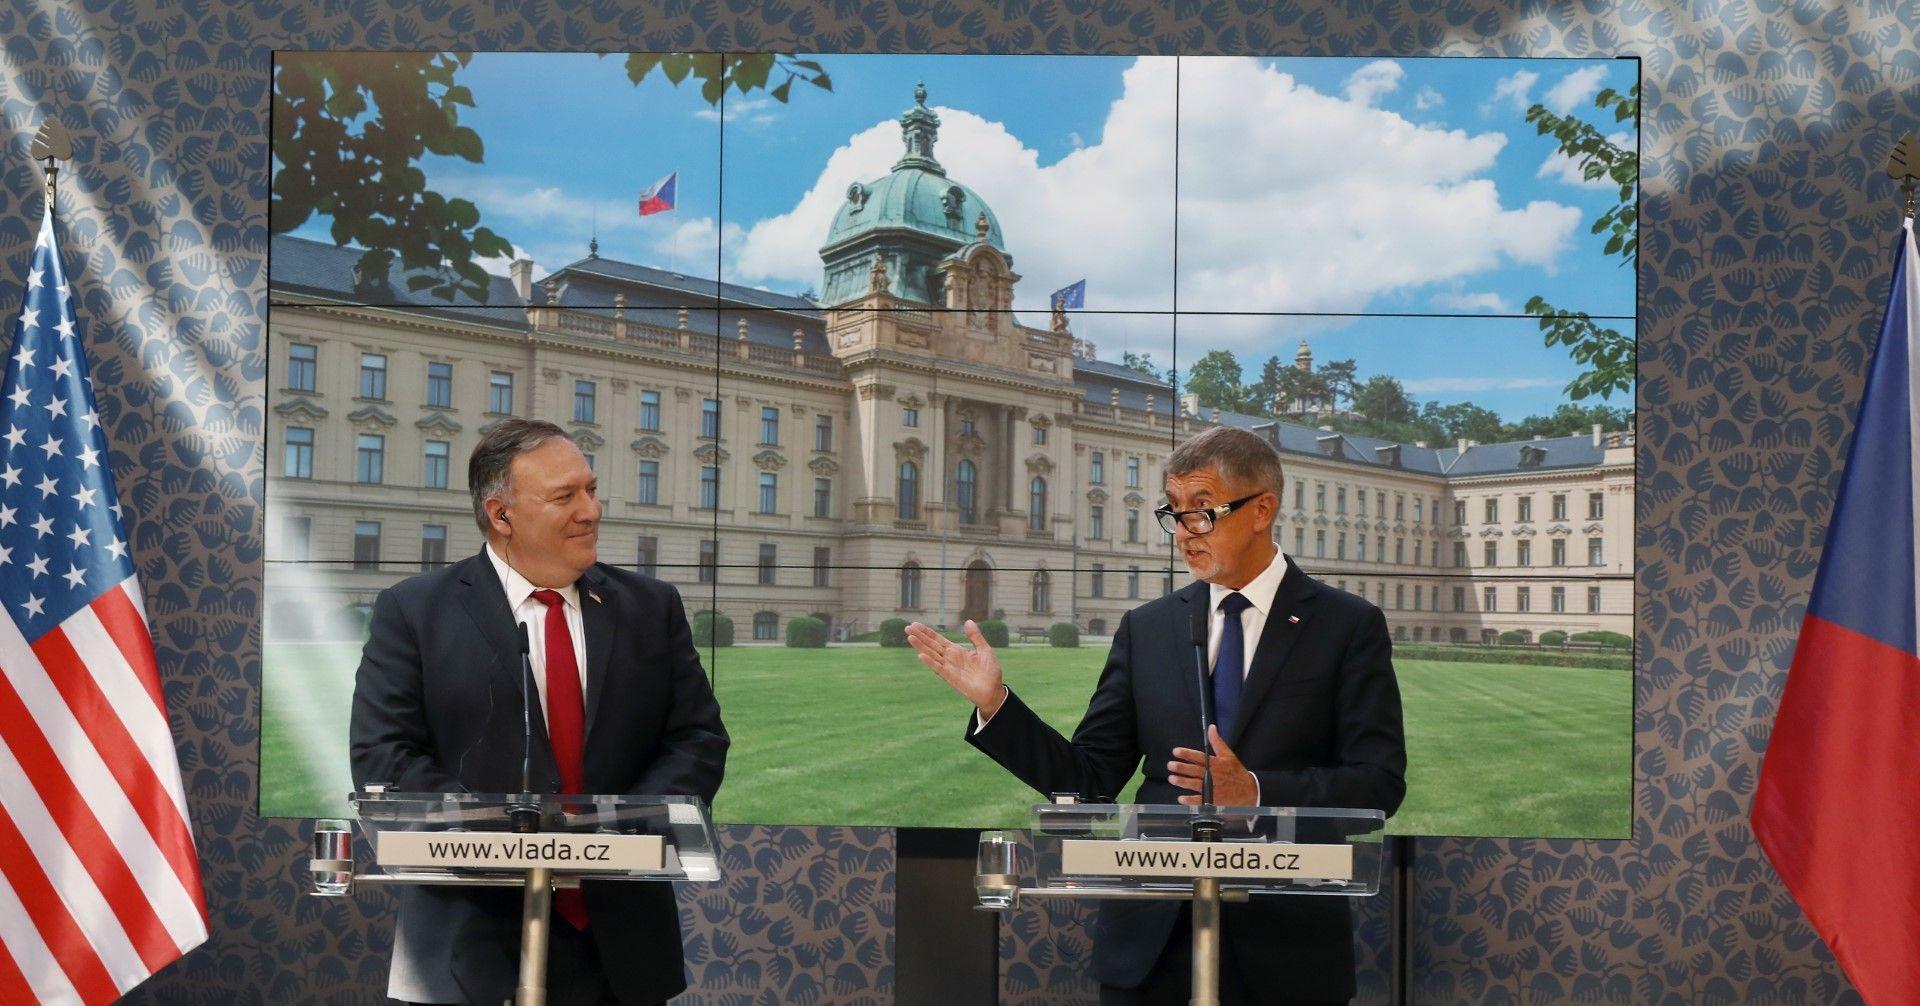 Майк Помпейо по време на пресконференцията с премиера на Чехия Андрей Бабиш в Прага, 12 август